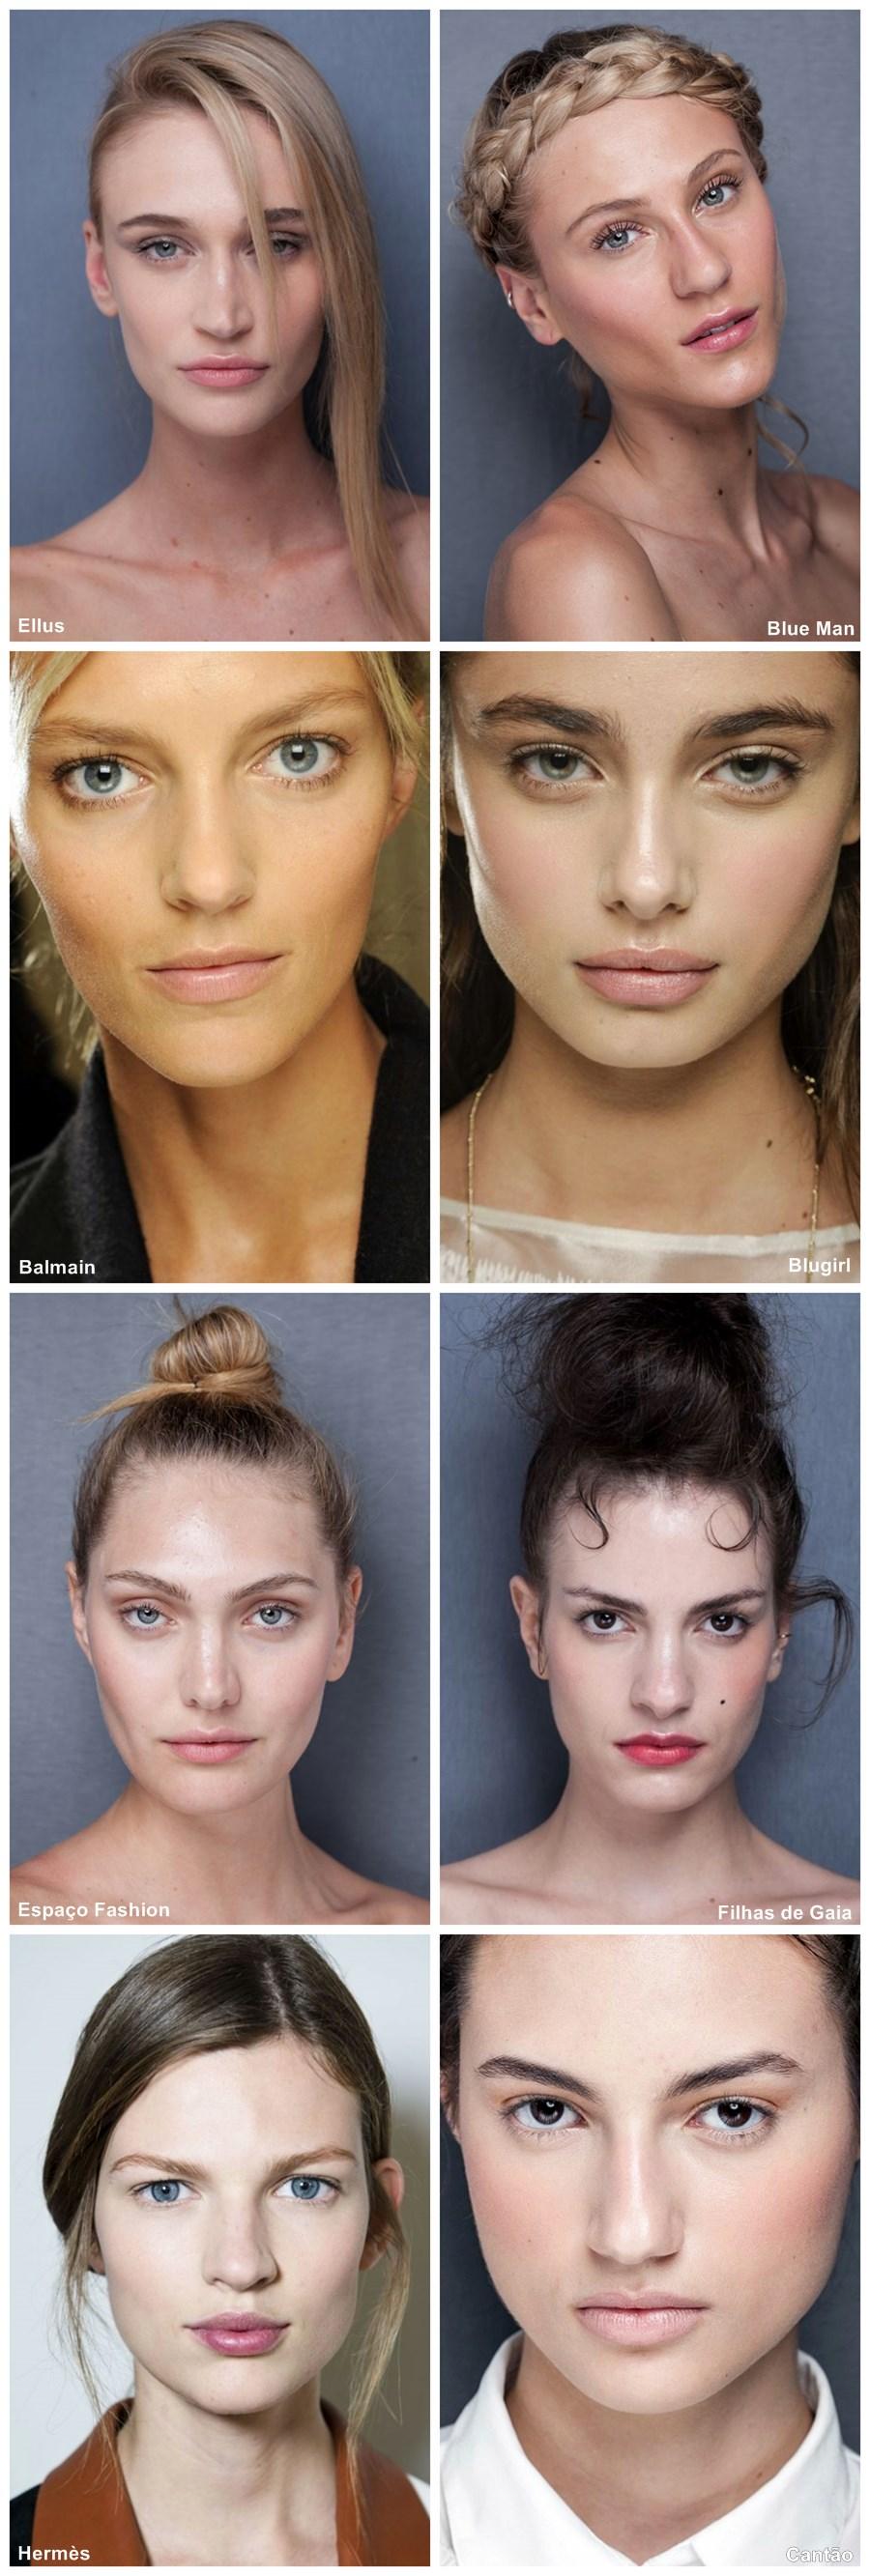 tendência de maquiagem verão 2014 Pele natural